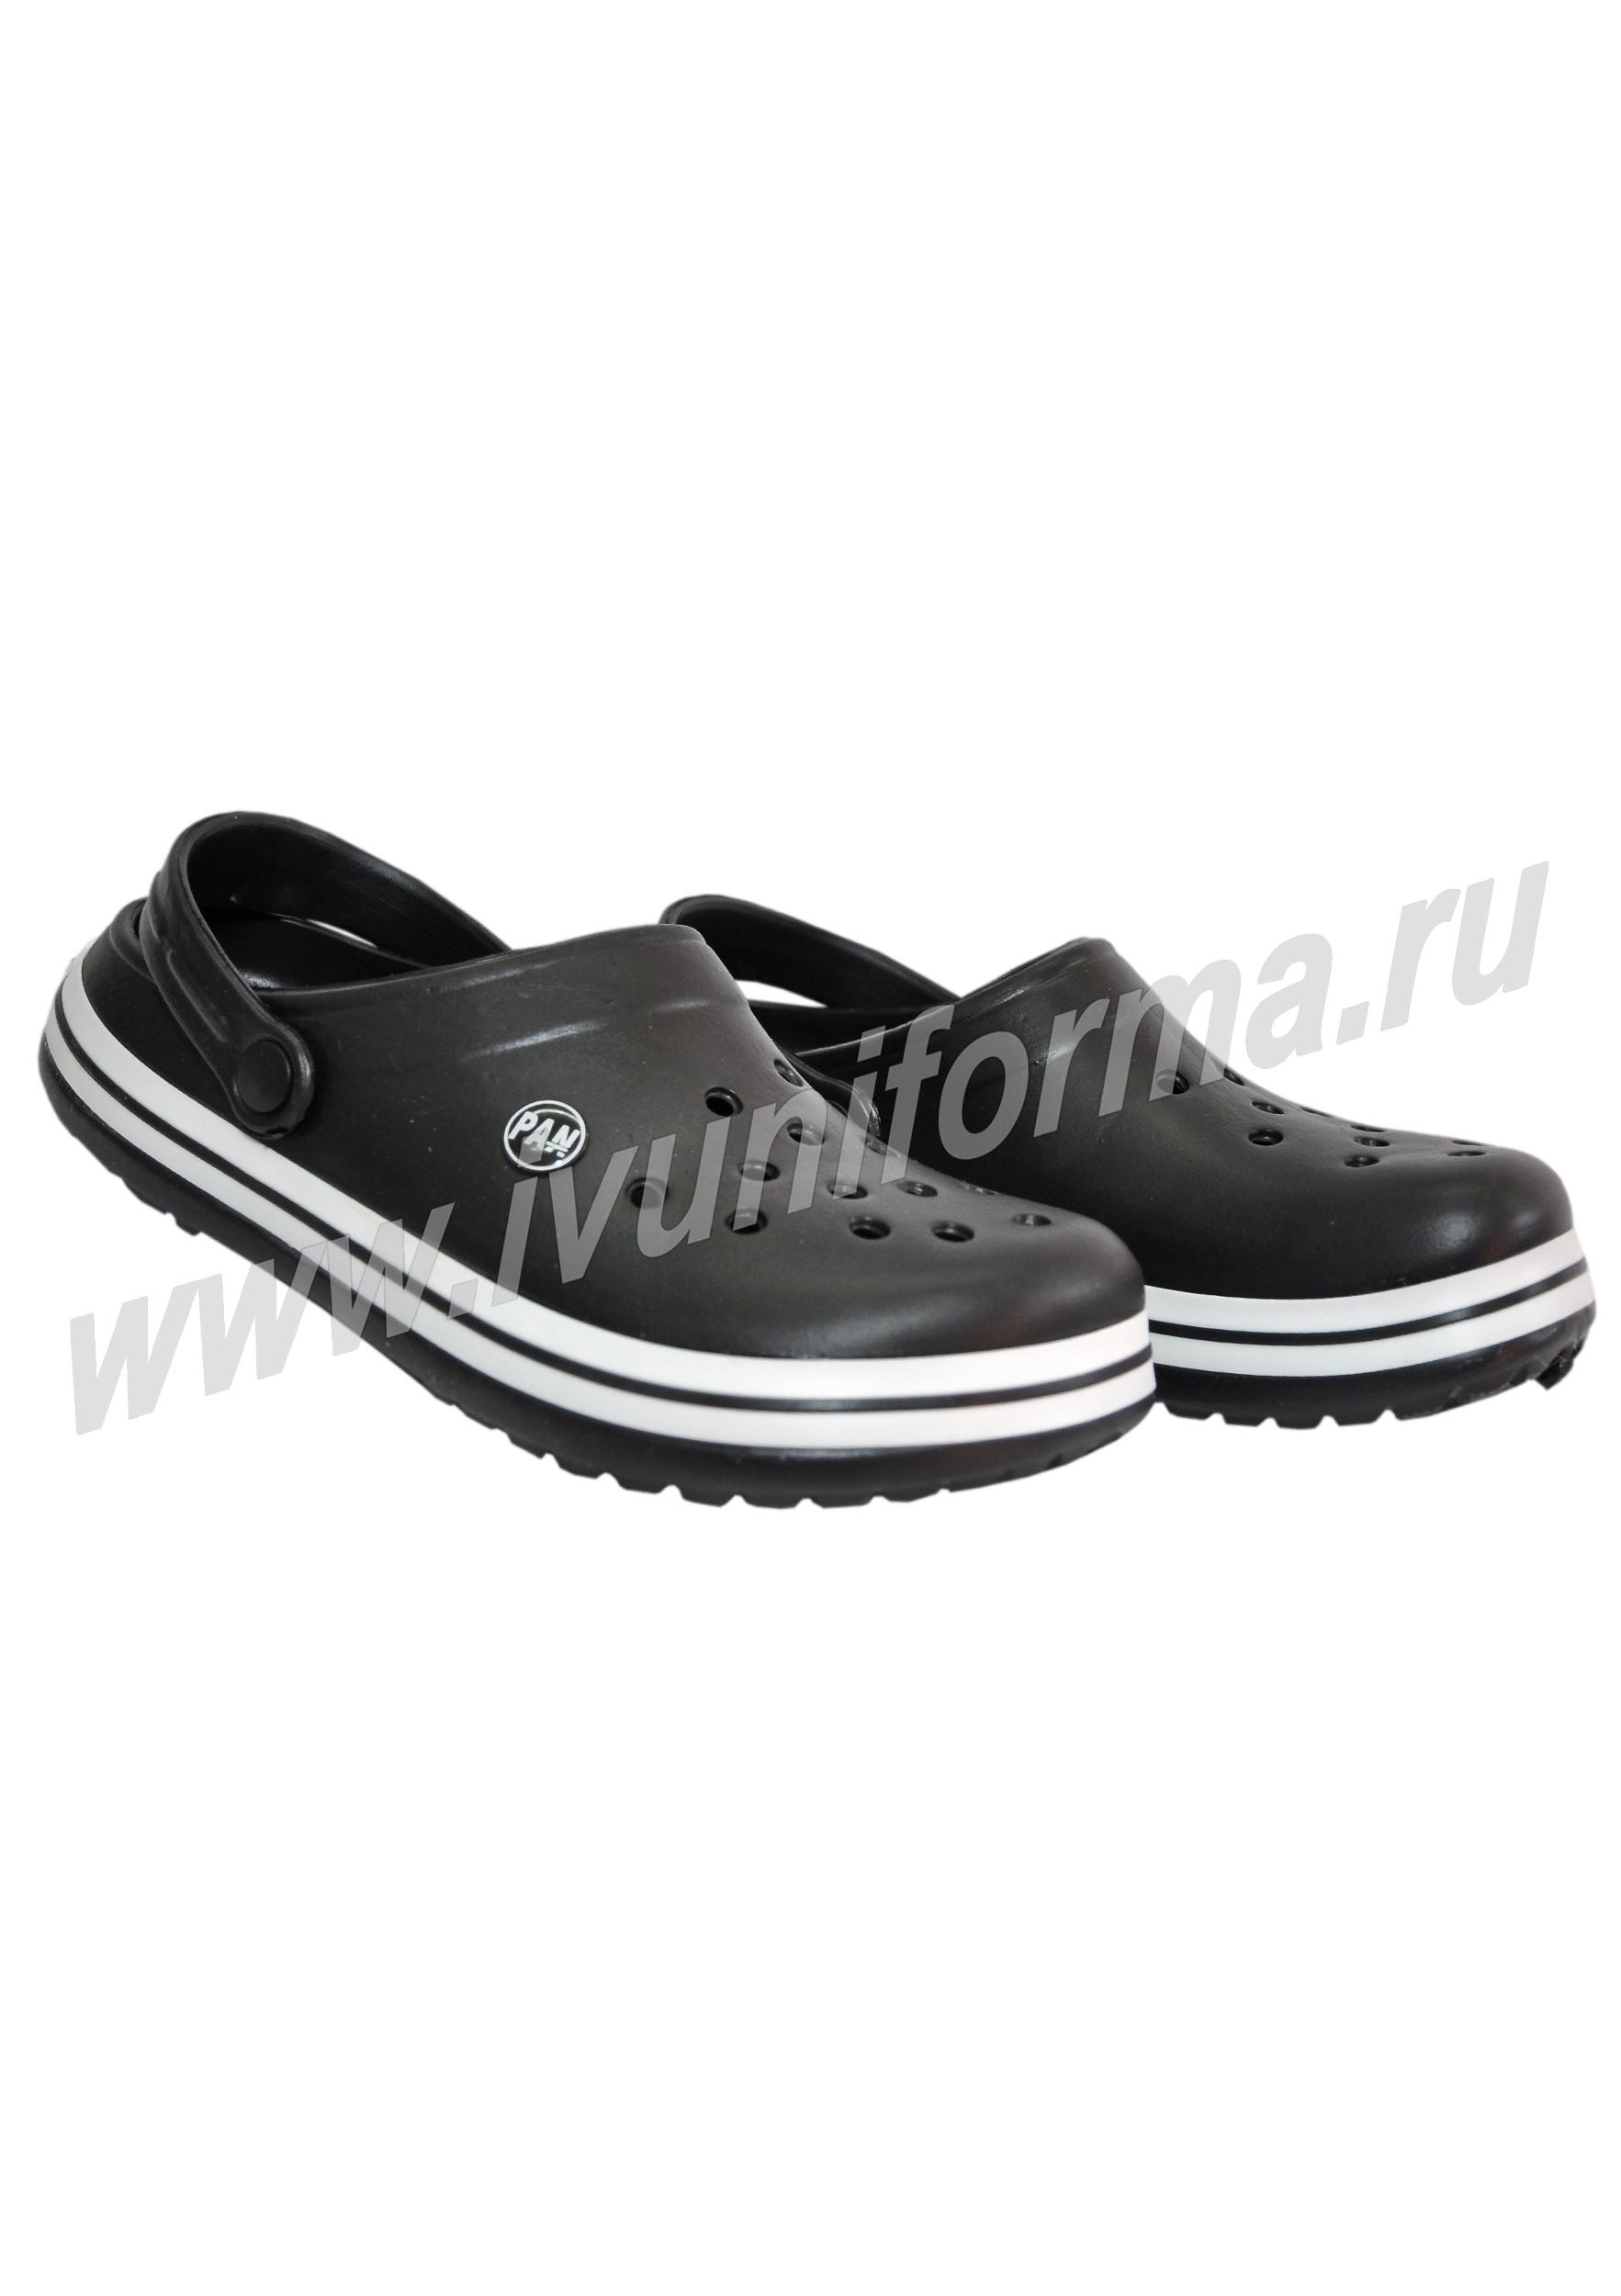 c3d72546a Профессиональная обувь Кроксы мужские оптом - 1